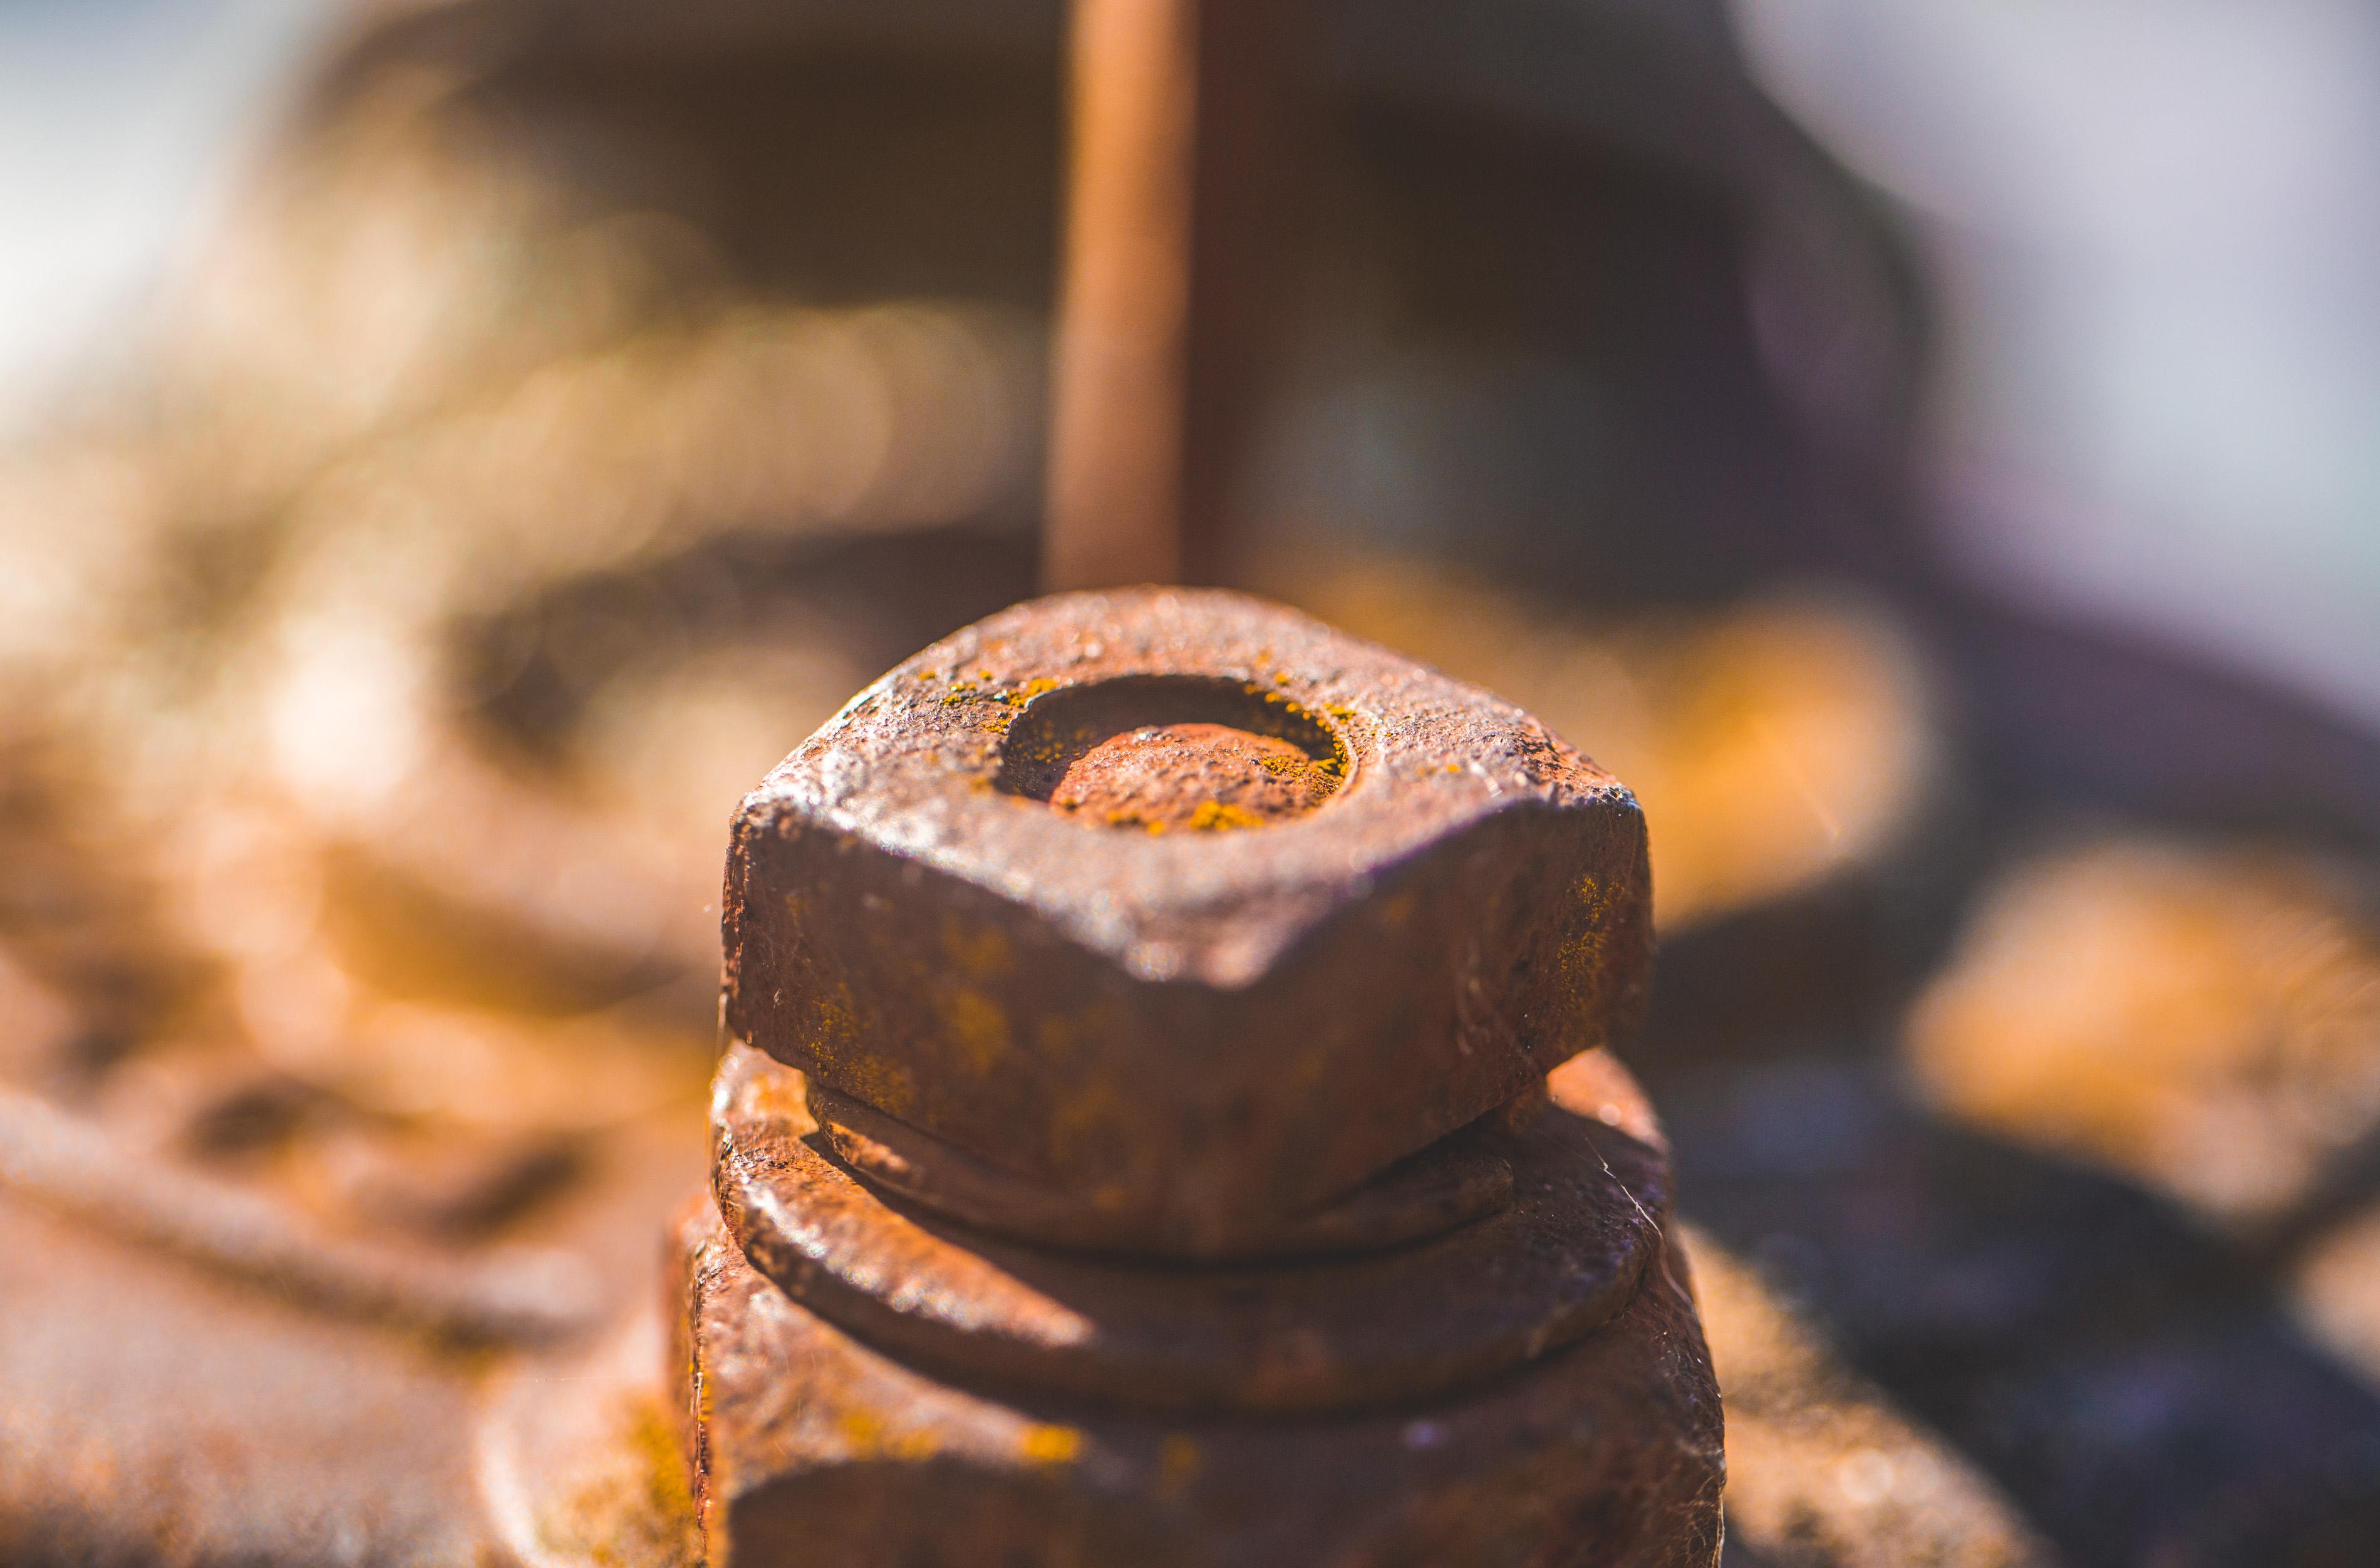 Closeup of a rusting bolt